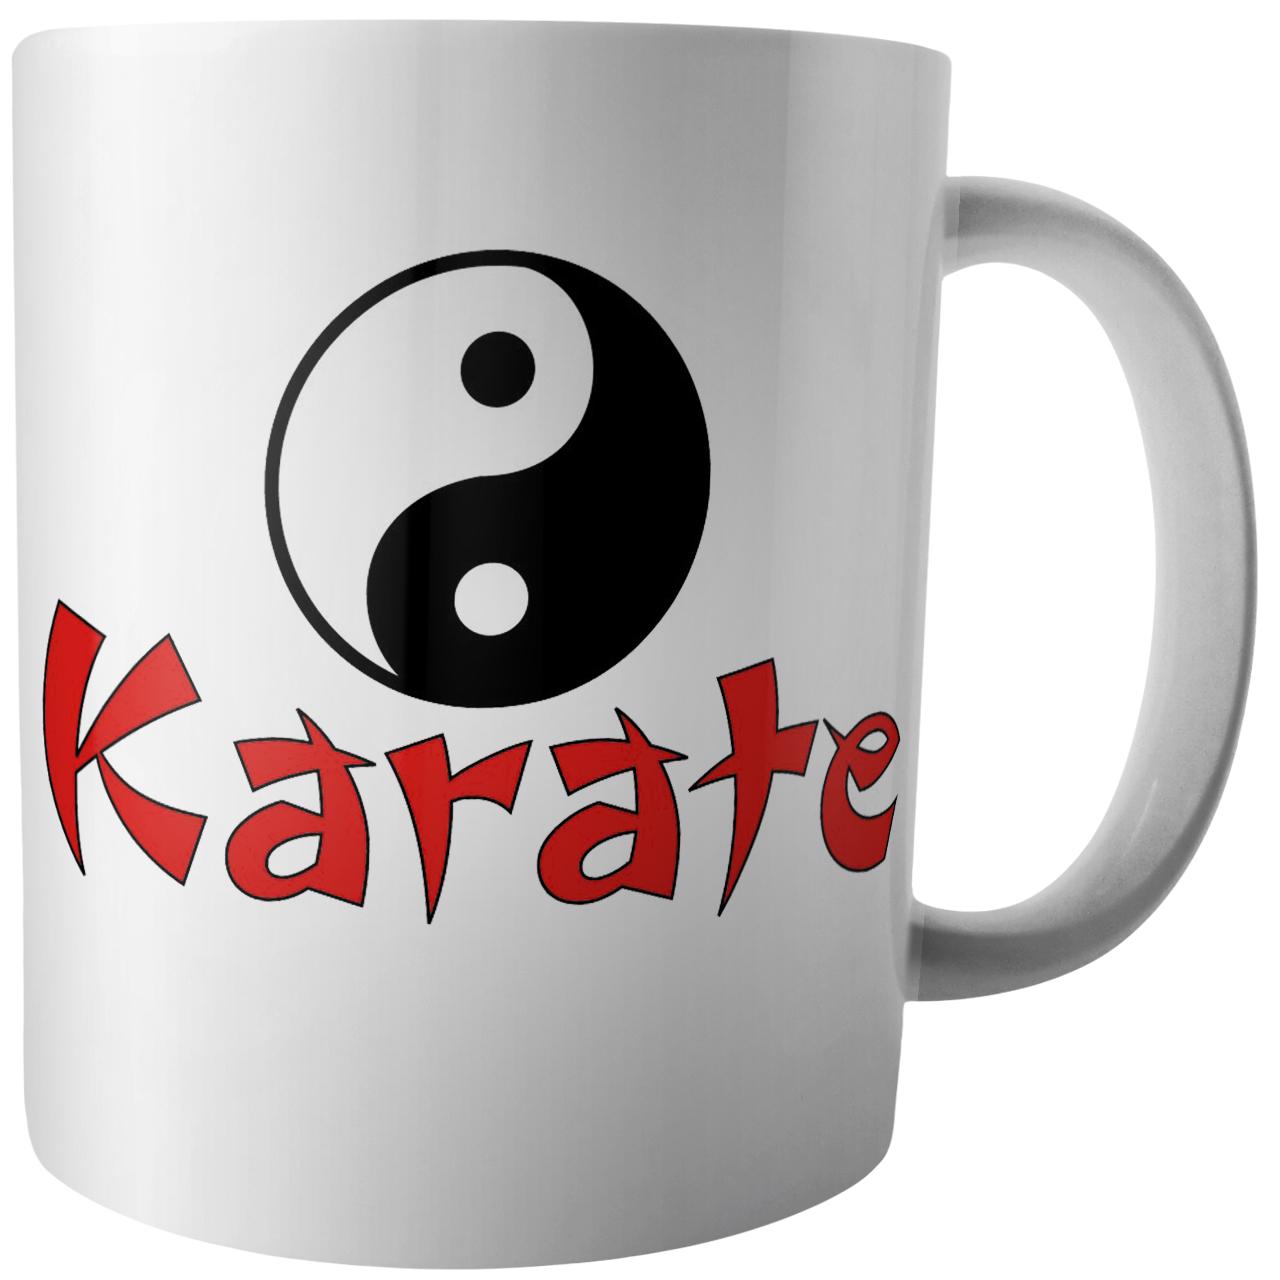 عکس ماگ آکو طرح کاراته مدل B398